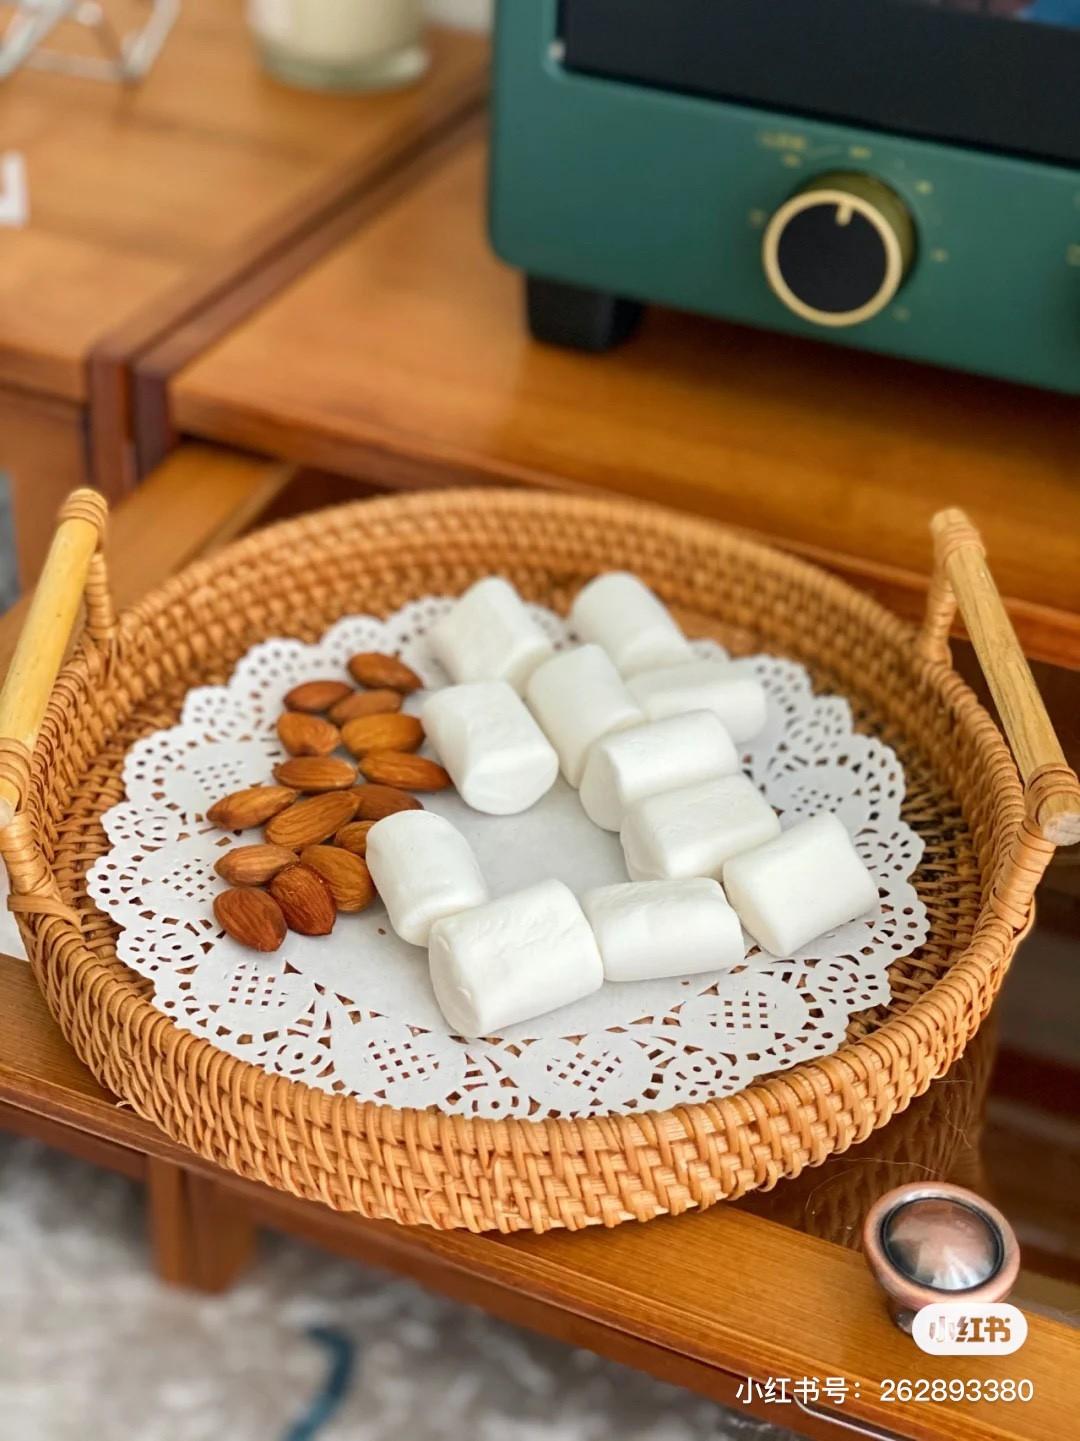 棉花糖饼干——还有更简单的下午茶做法吗?的步骤